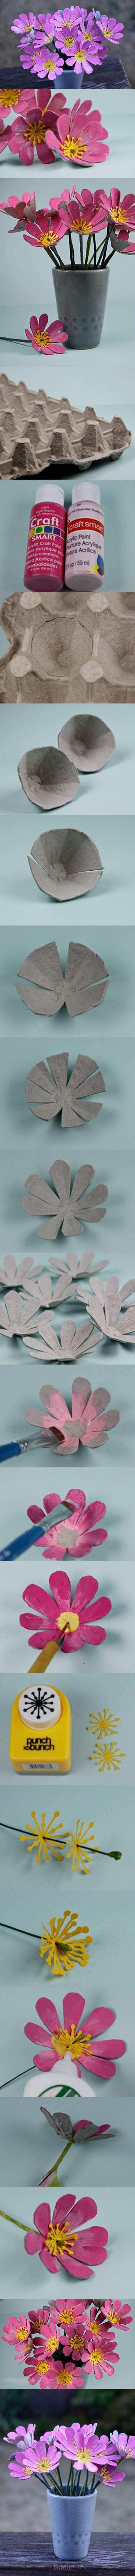 پروانه گل از کارتن تخم مرغ M DIY شگفت انگیز پروانه گل از تخم مرغ کارتن